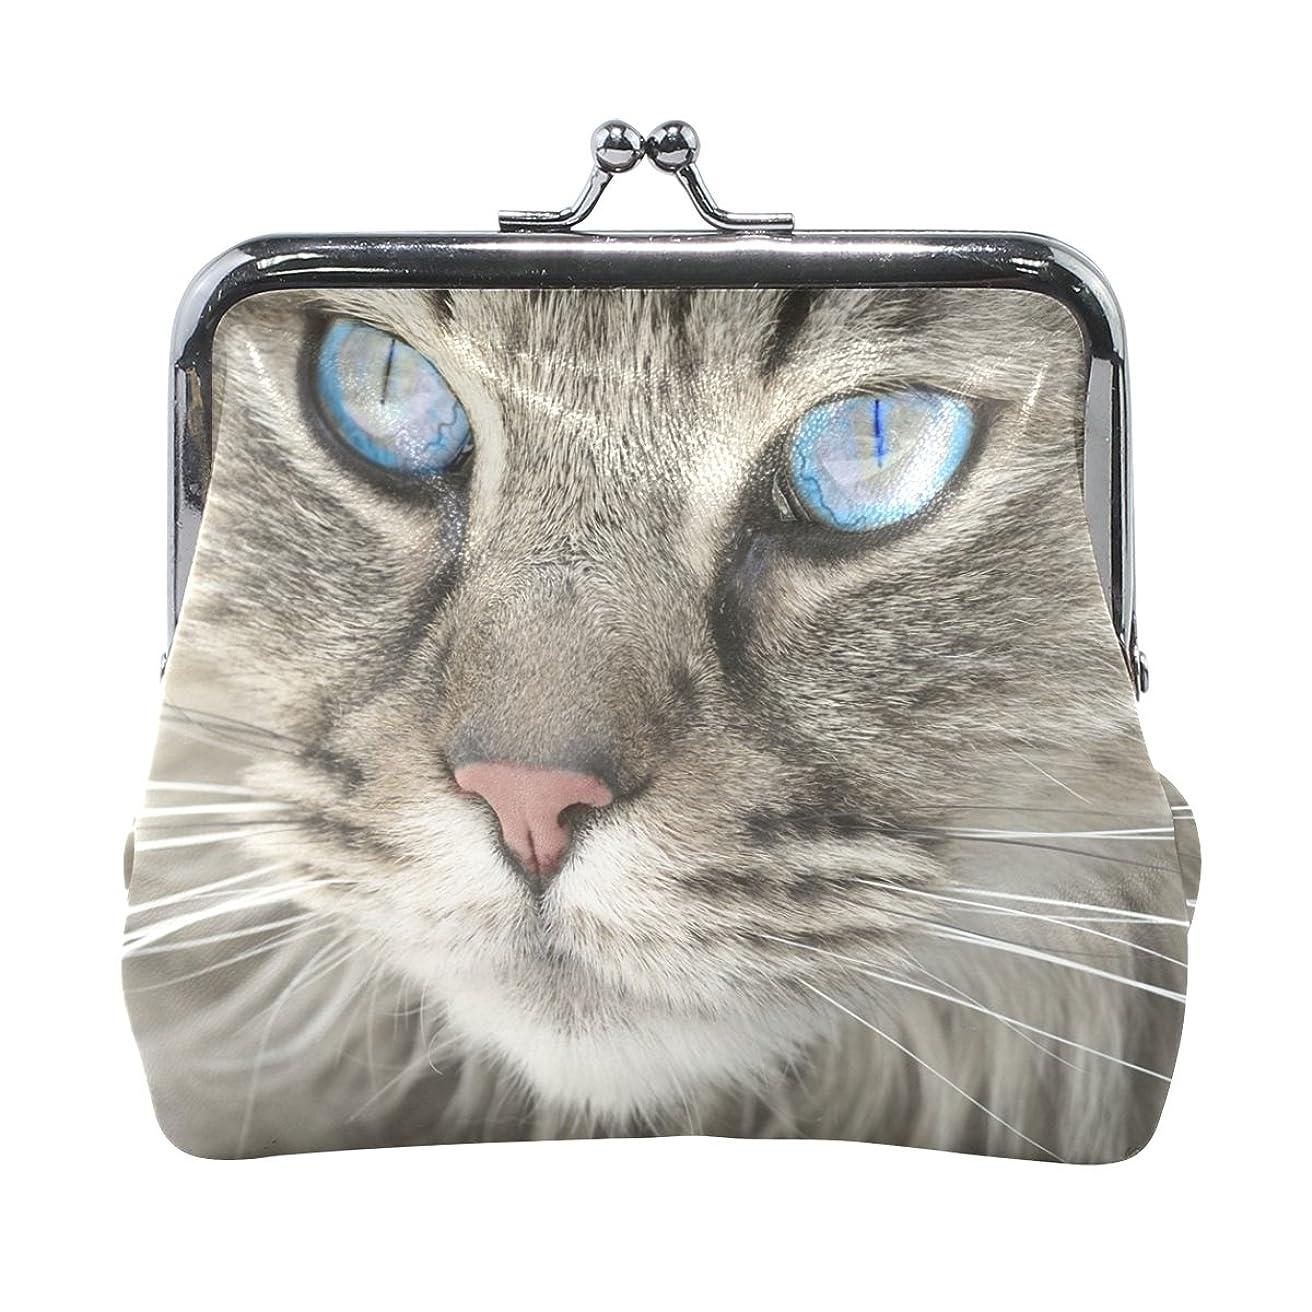 リテラシー余裕があるフィドルAOMOKI 財布 小銭入れ ガマ口 コインケース レザー 猫柄 ブルー 警備 瞳 綺麗